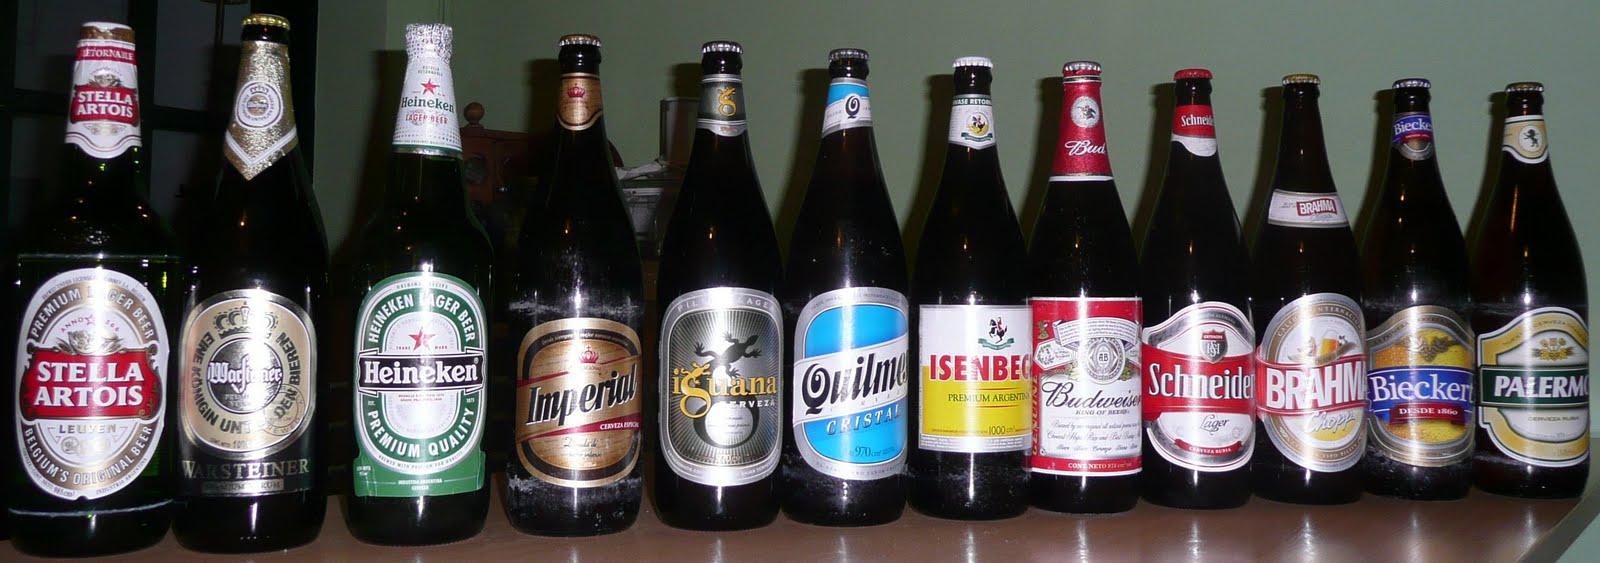 Marcas de cervezas alemanas en argentina